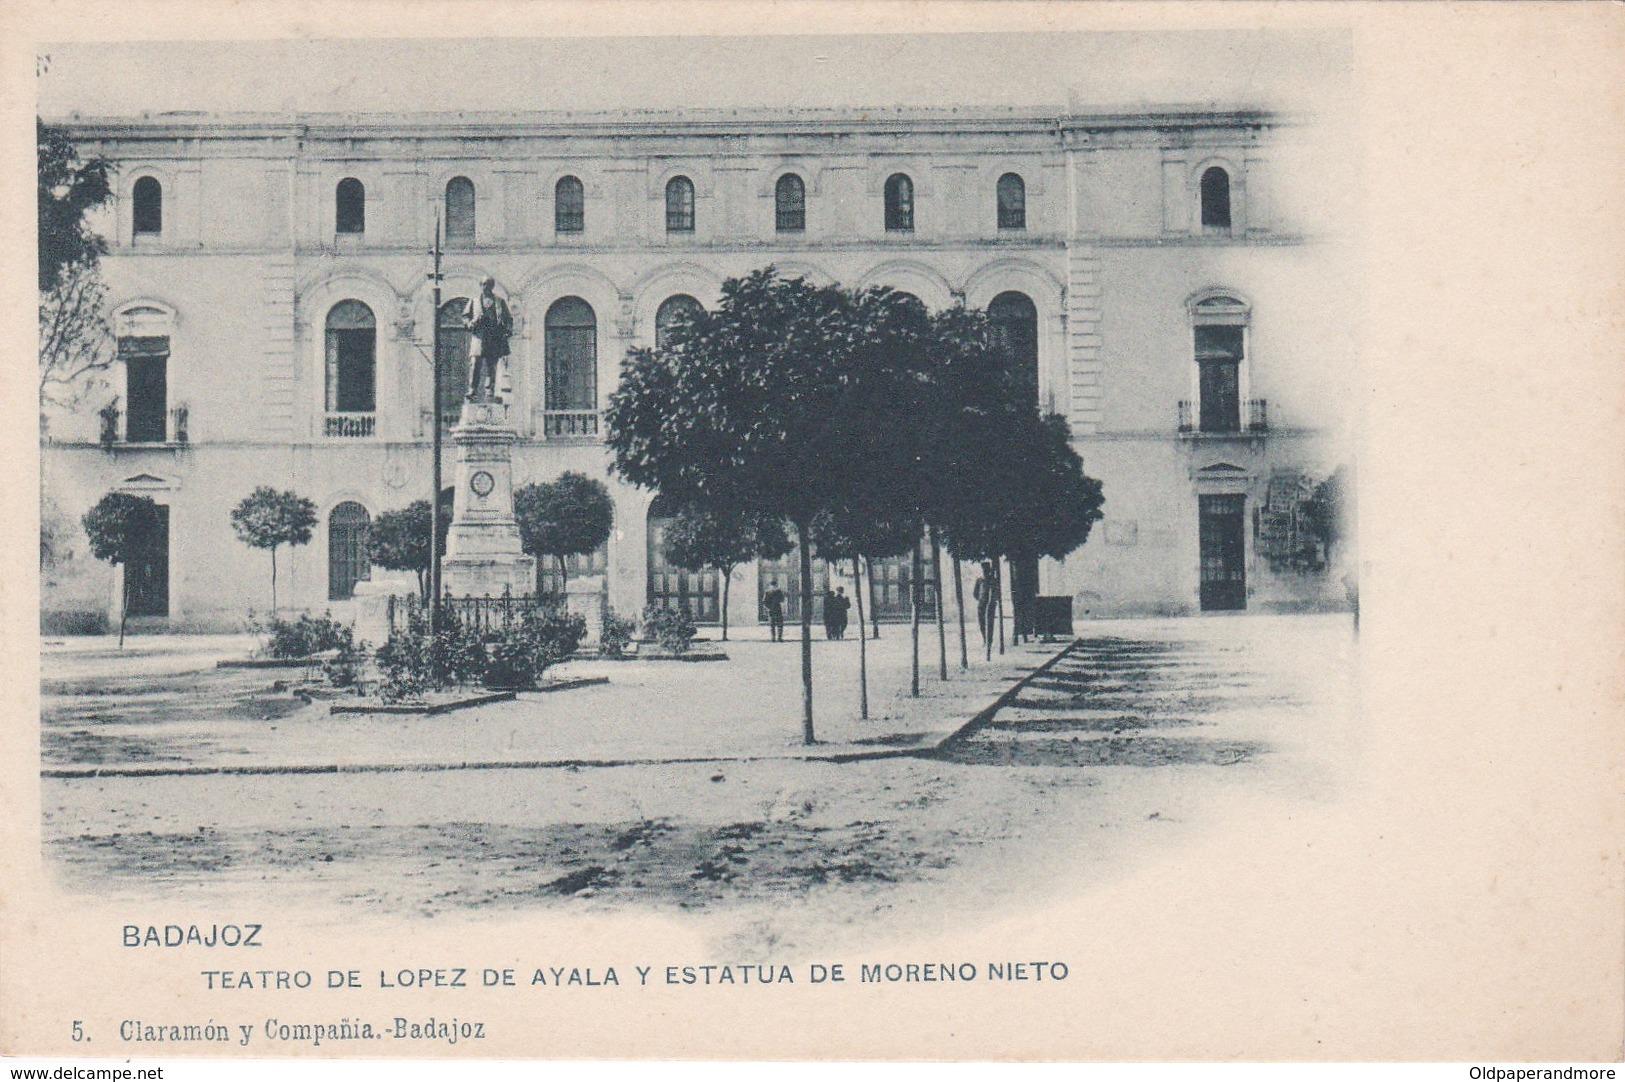 POSTCARD SPAIN ESPAÑA - BADAJOZ - TEATRO DE LOPEZ DE AYALA Y ESTATUA DE MORENO NIETO - Badajoz